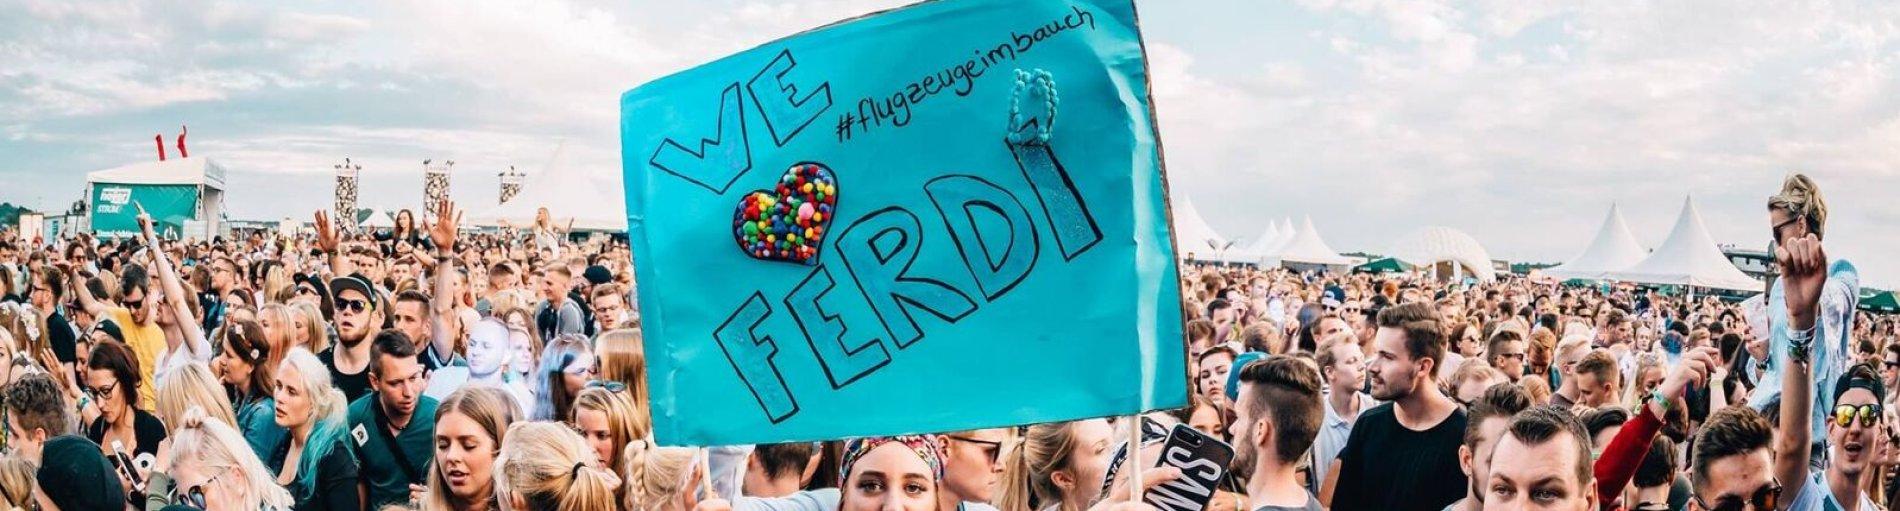 Ein Mädchen hält in der Konzertmenge ein buntes Plakat hoch.